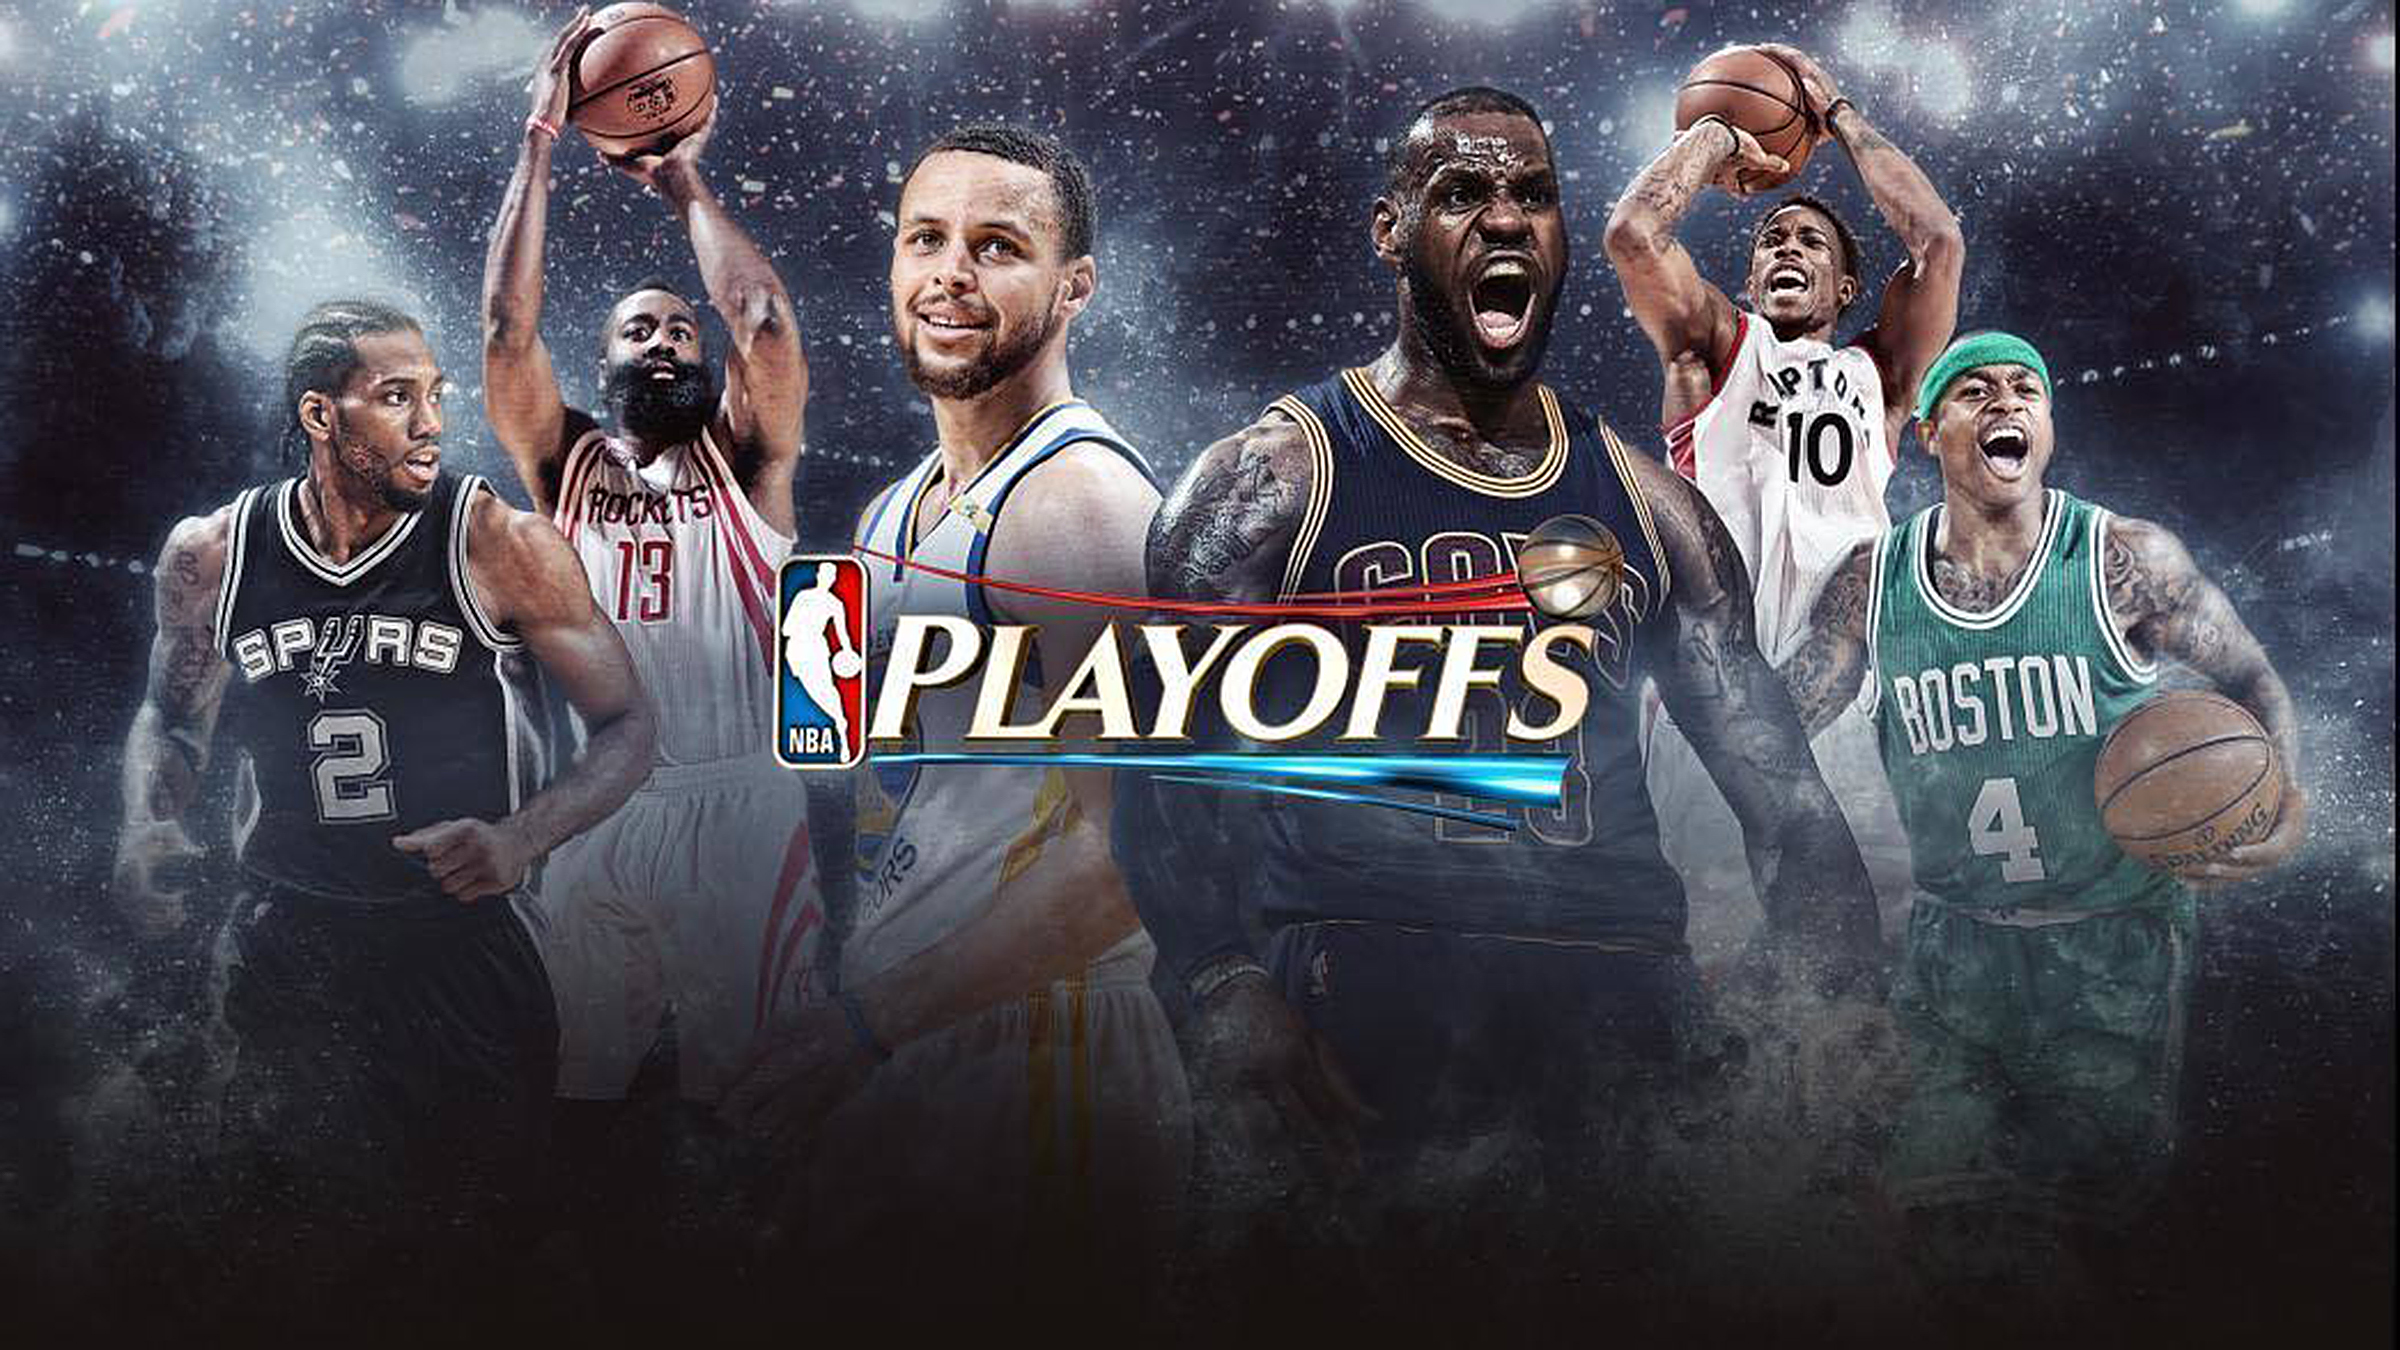 2017 NBA Playoffs Start Saturday